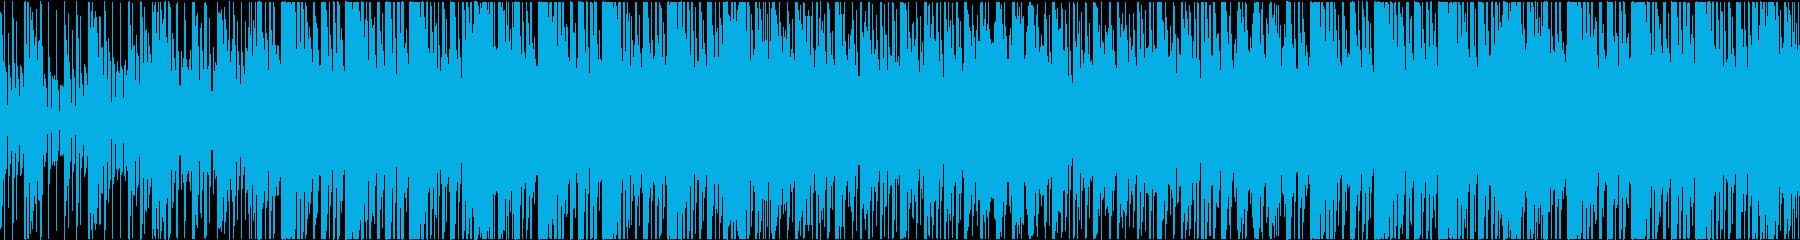 和風 オリエンタル R&B 琴 ループの再生済みの波形